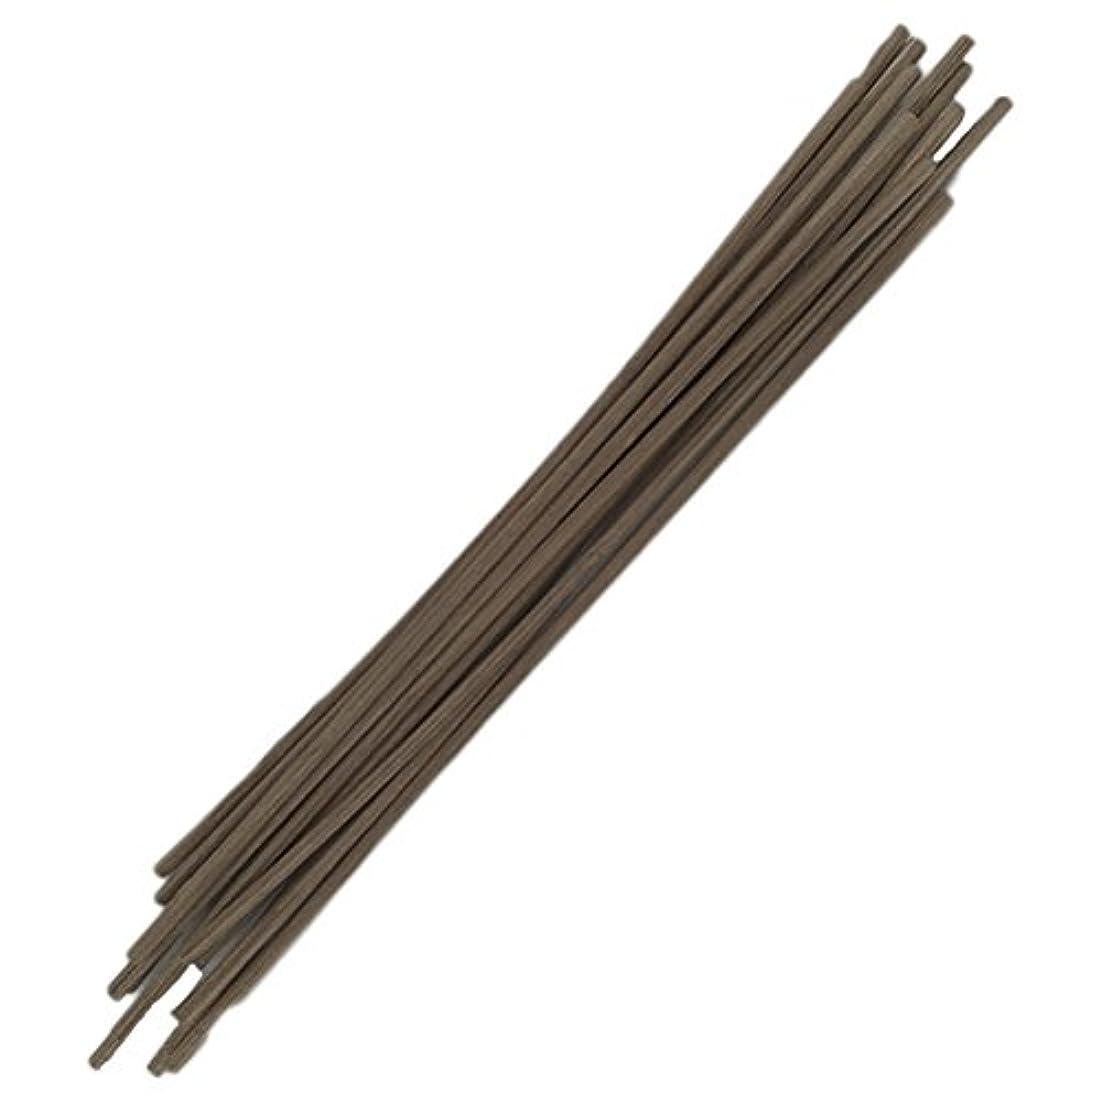 嫌がらせ前部信条HEALIFTY 30pcs籐のリードは自然の香りのリードのディフューザーのアロマオイルディフューザー籐25センチメートルスティック